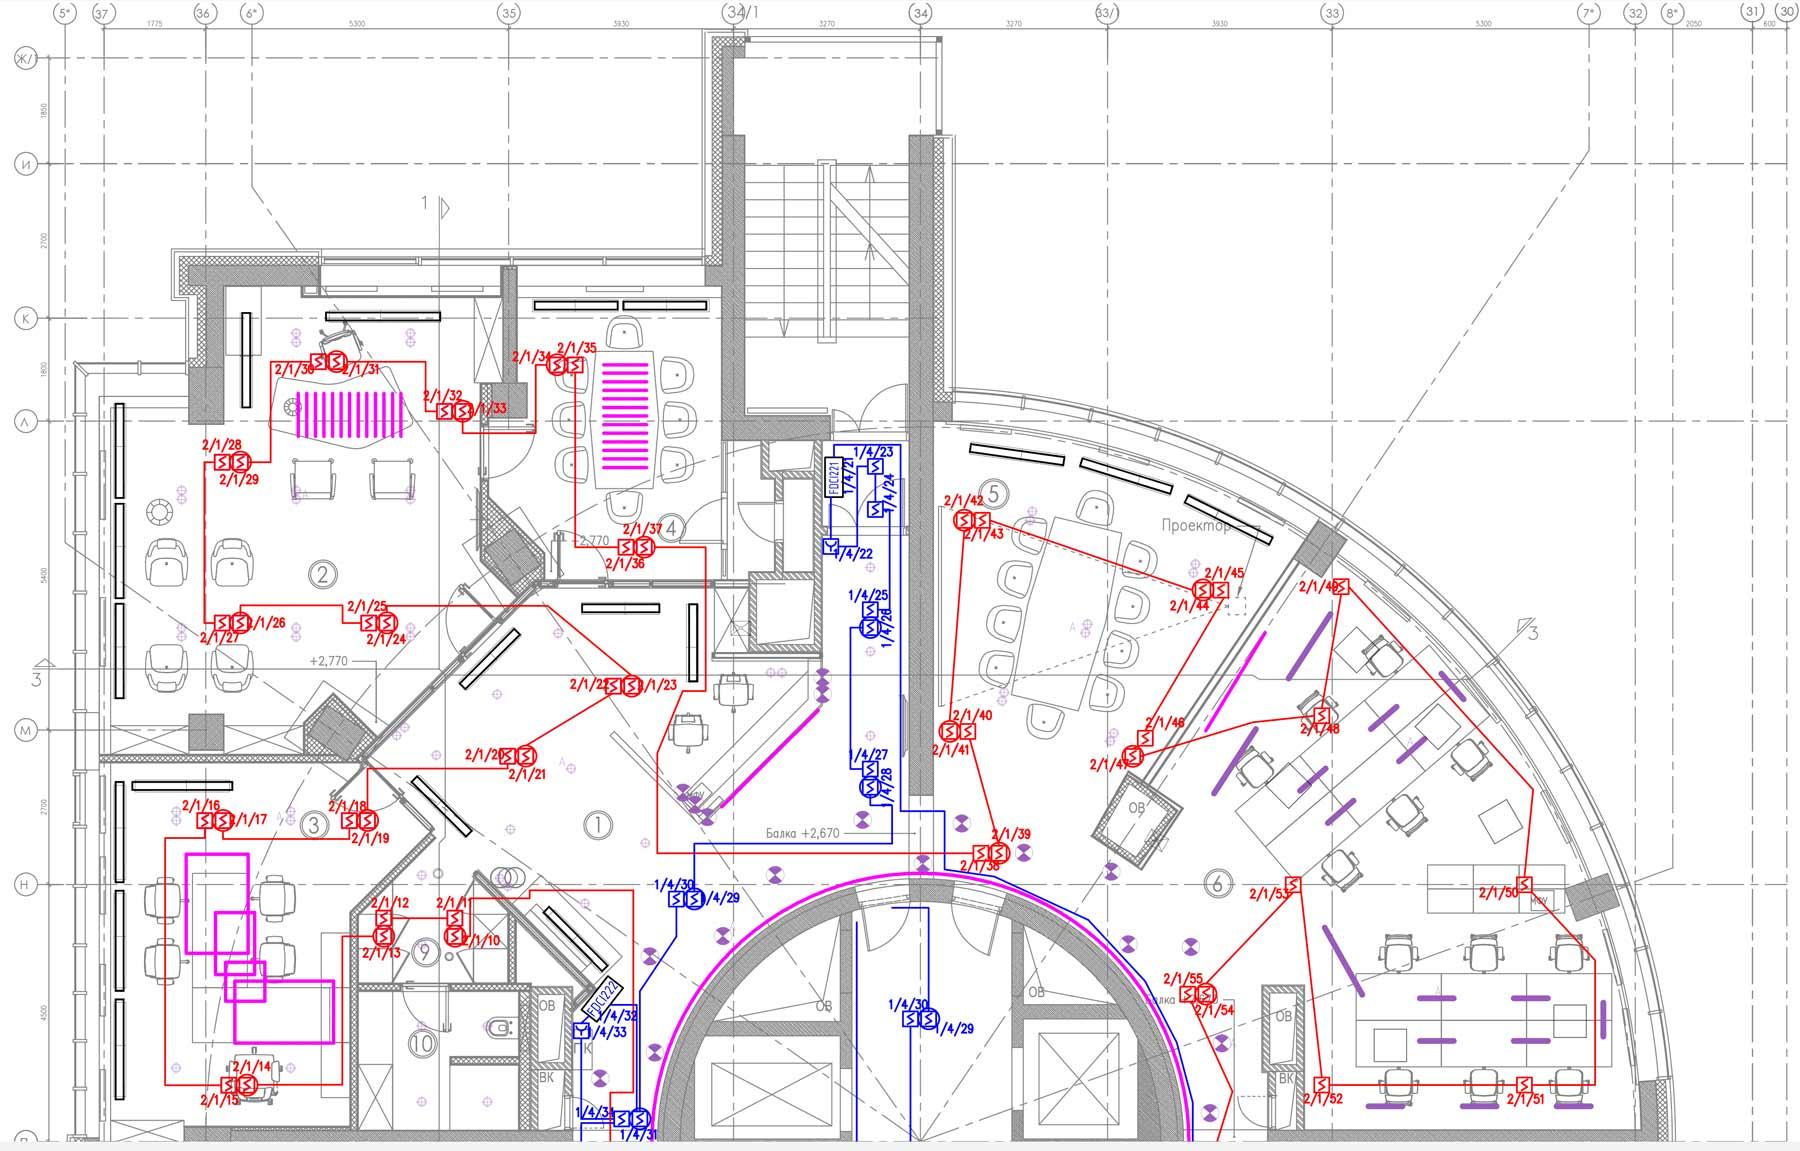 Инженер может подготовить документы на отдельную систему защиты или раздел на все меры пожарной безопасности для нового здания.